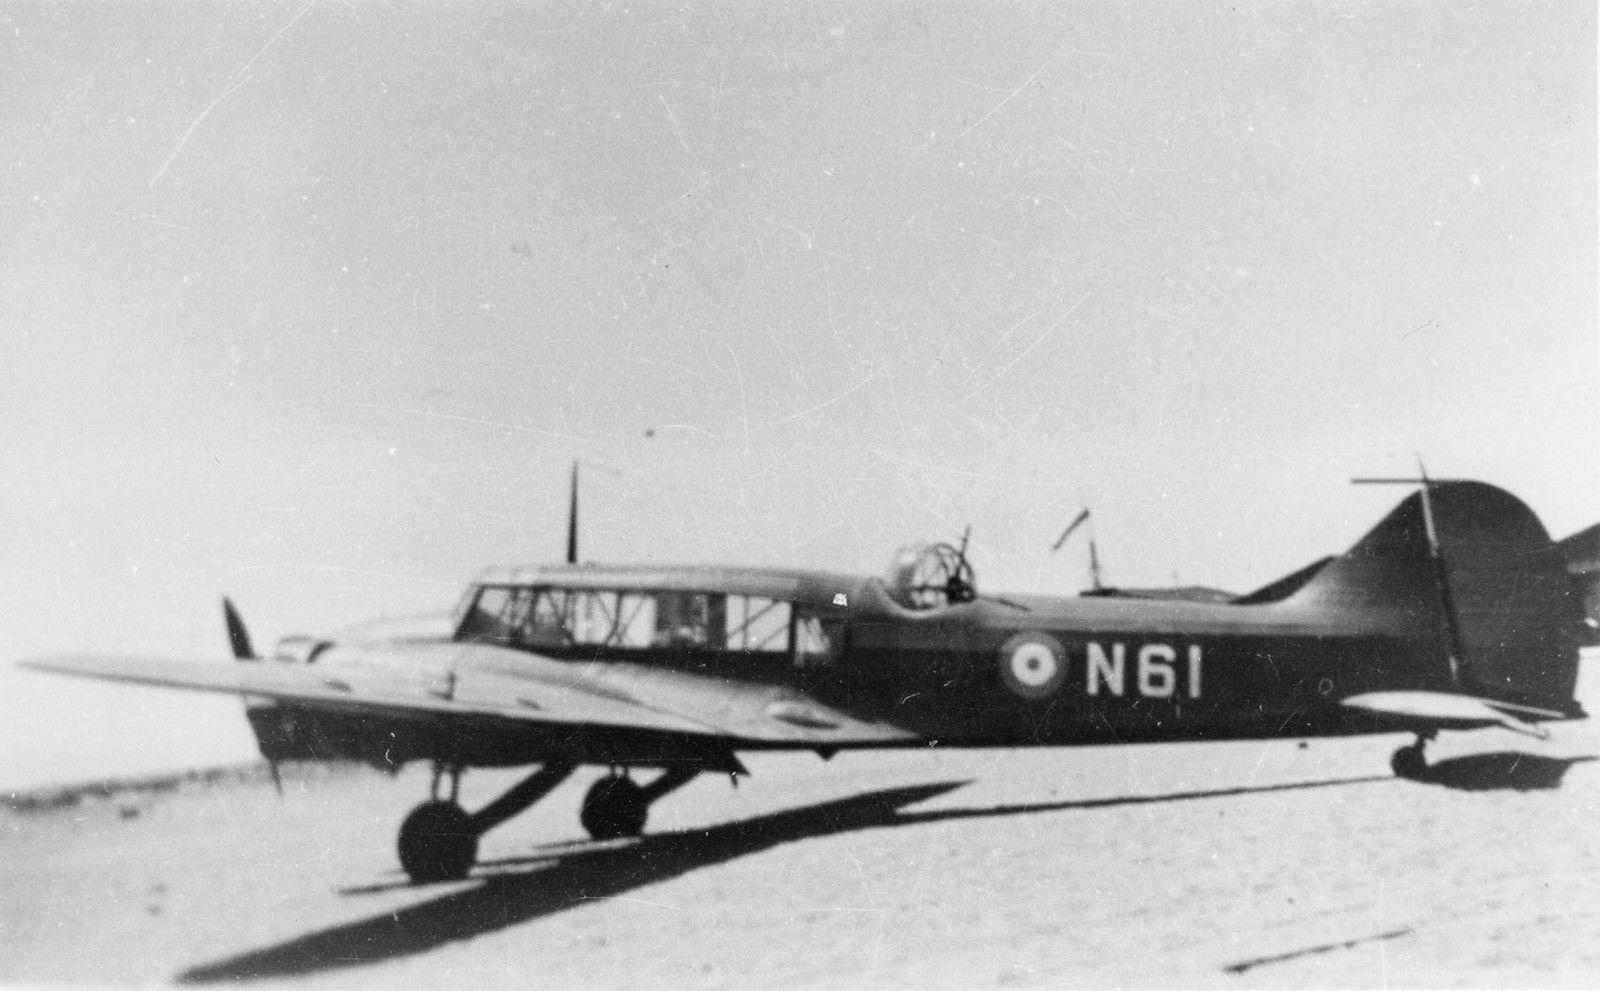 RHAF Avro Anson I, N61 in Egypt Hellenic air force